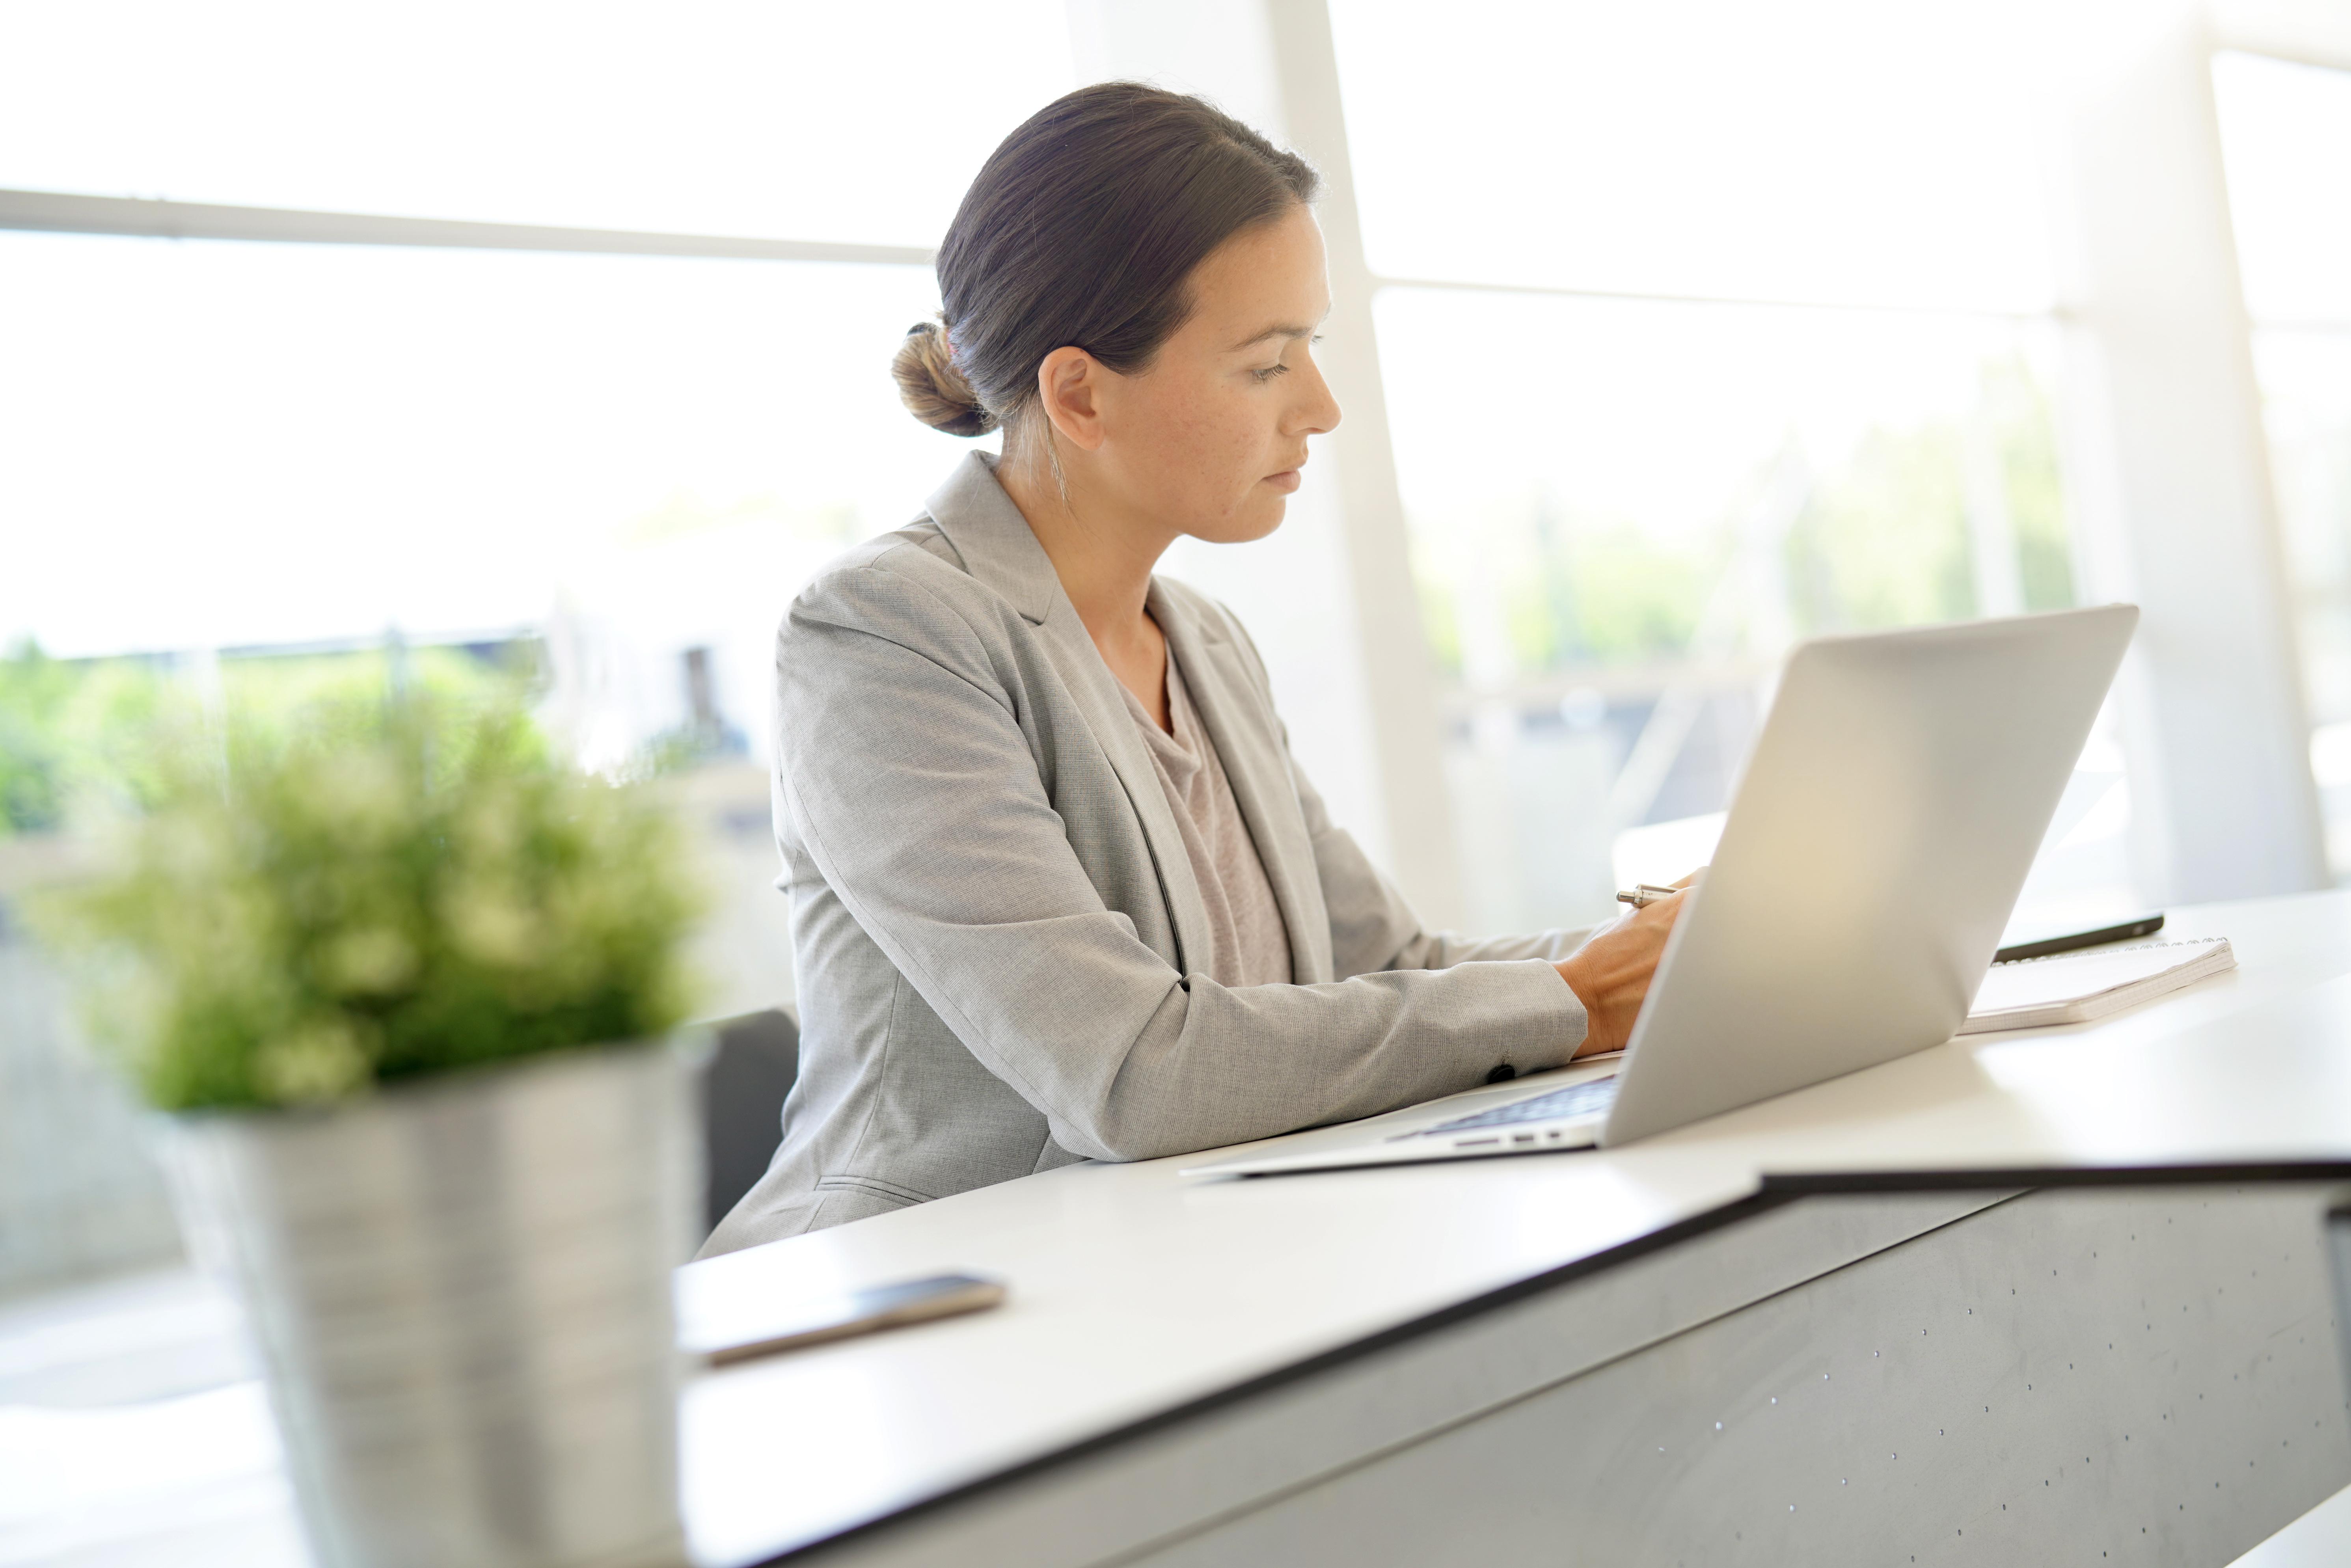 Электронные трудовые книжки: Новая форма отчетности СЗВ-ТД